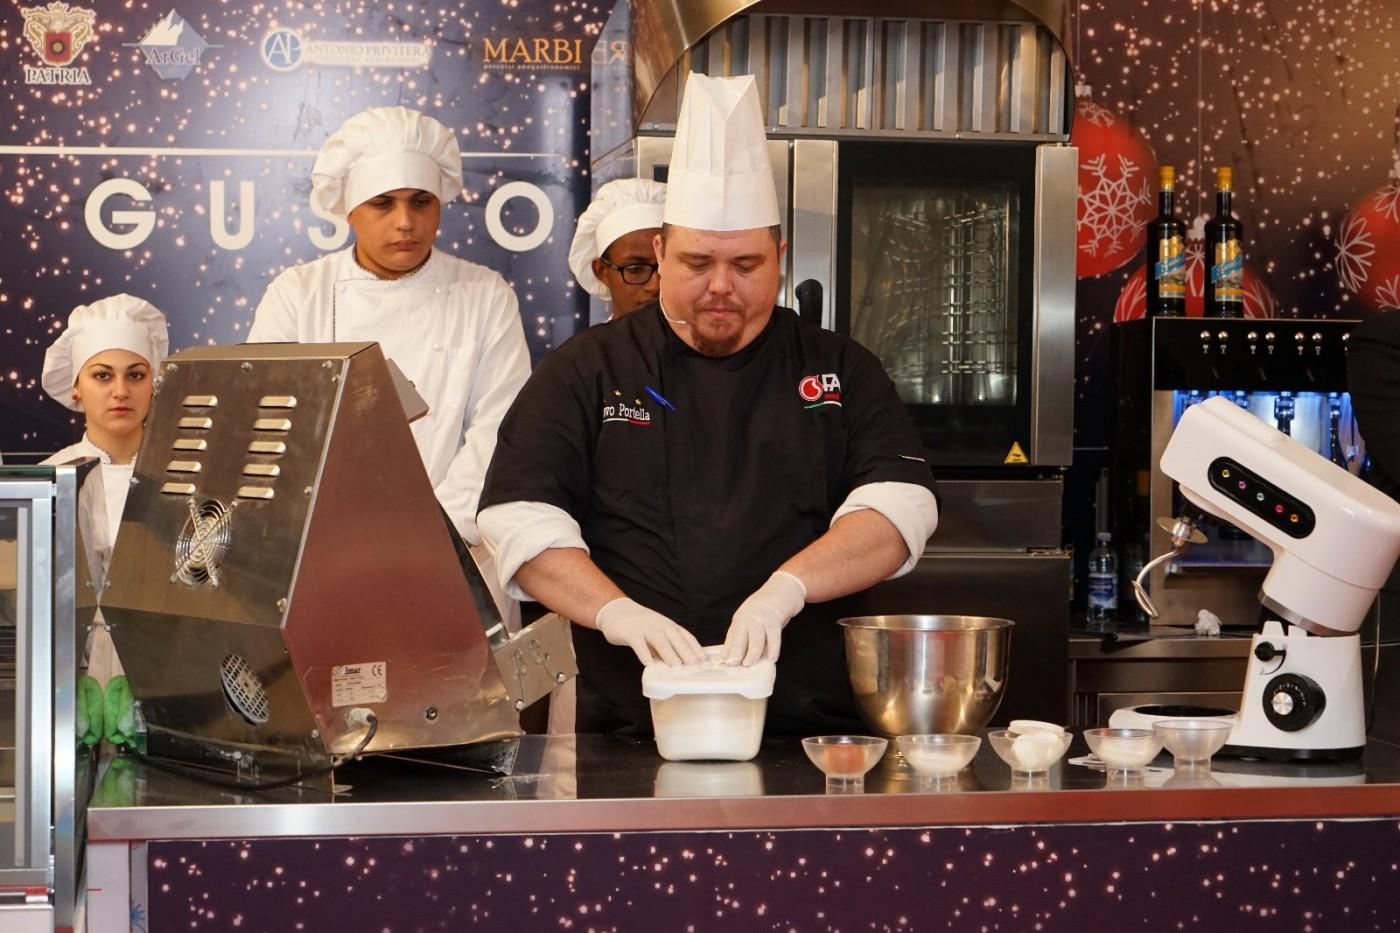 foto dello chef al laboratorio artigianale del gusto di piazza cairoli compreso negli eventi di natale - messina